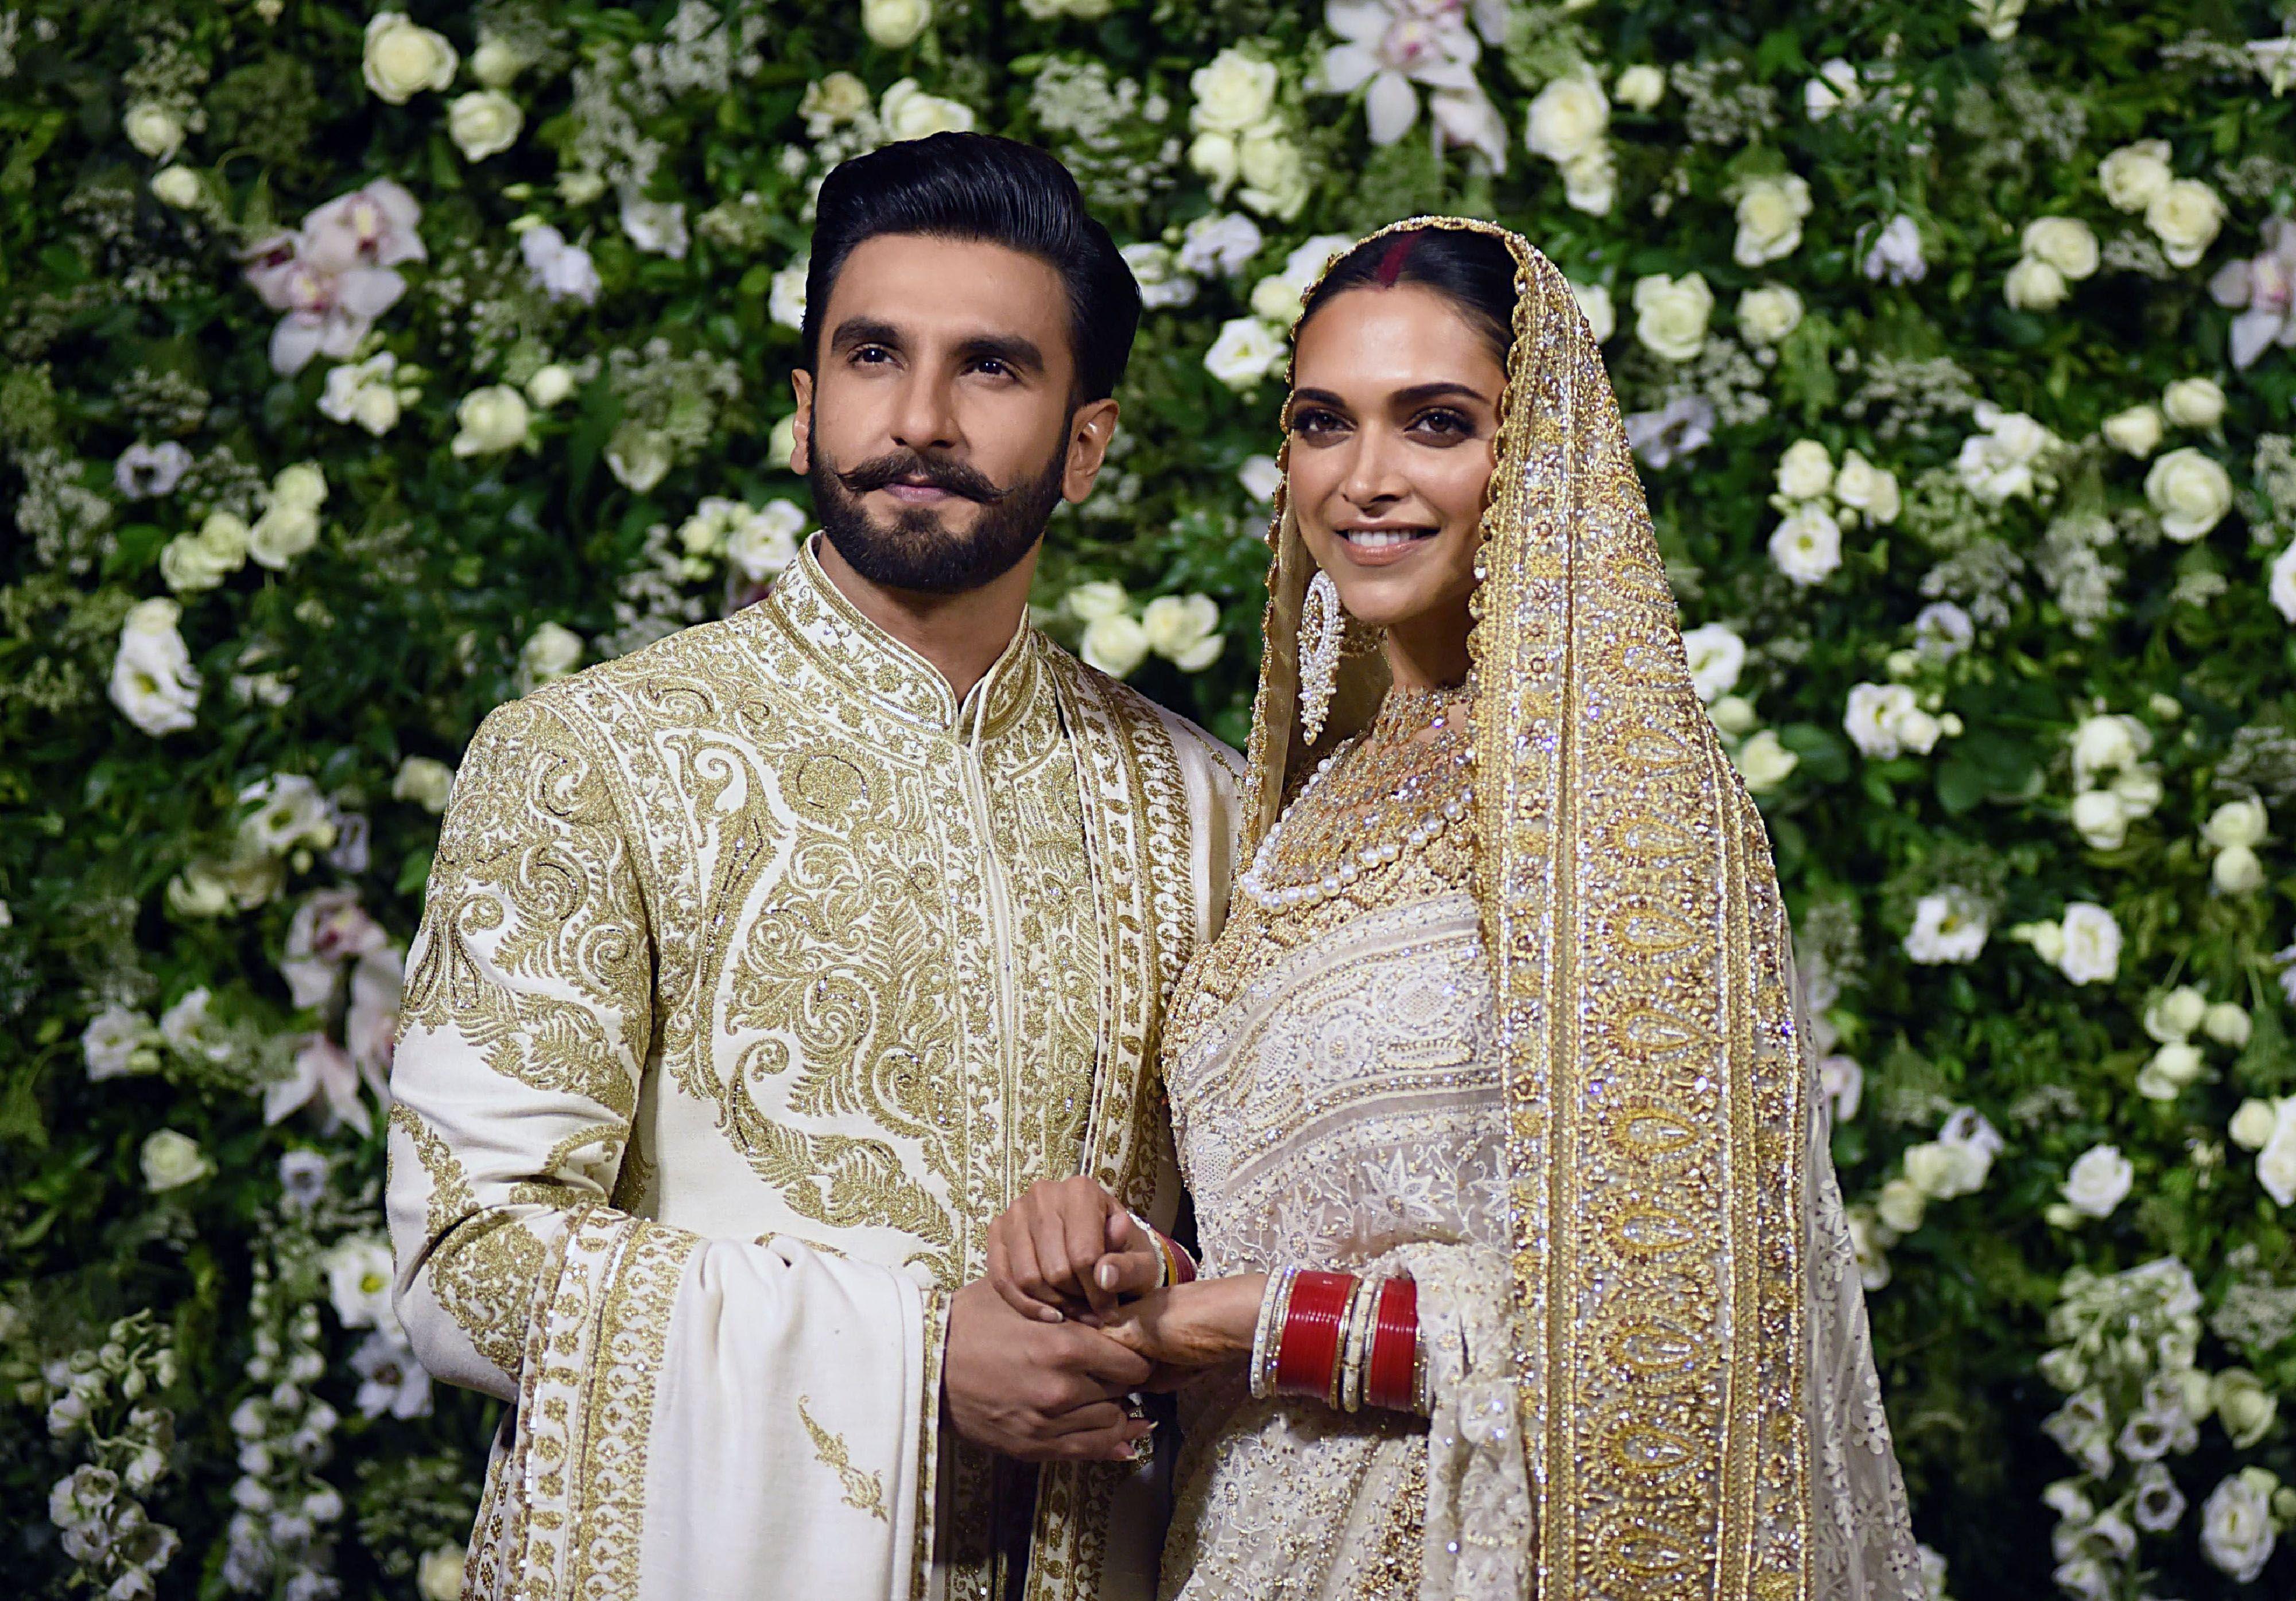 Pin by PreeVik on lehenga bridal   Ranveer singh, Celebrities, Deepika  padukone